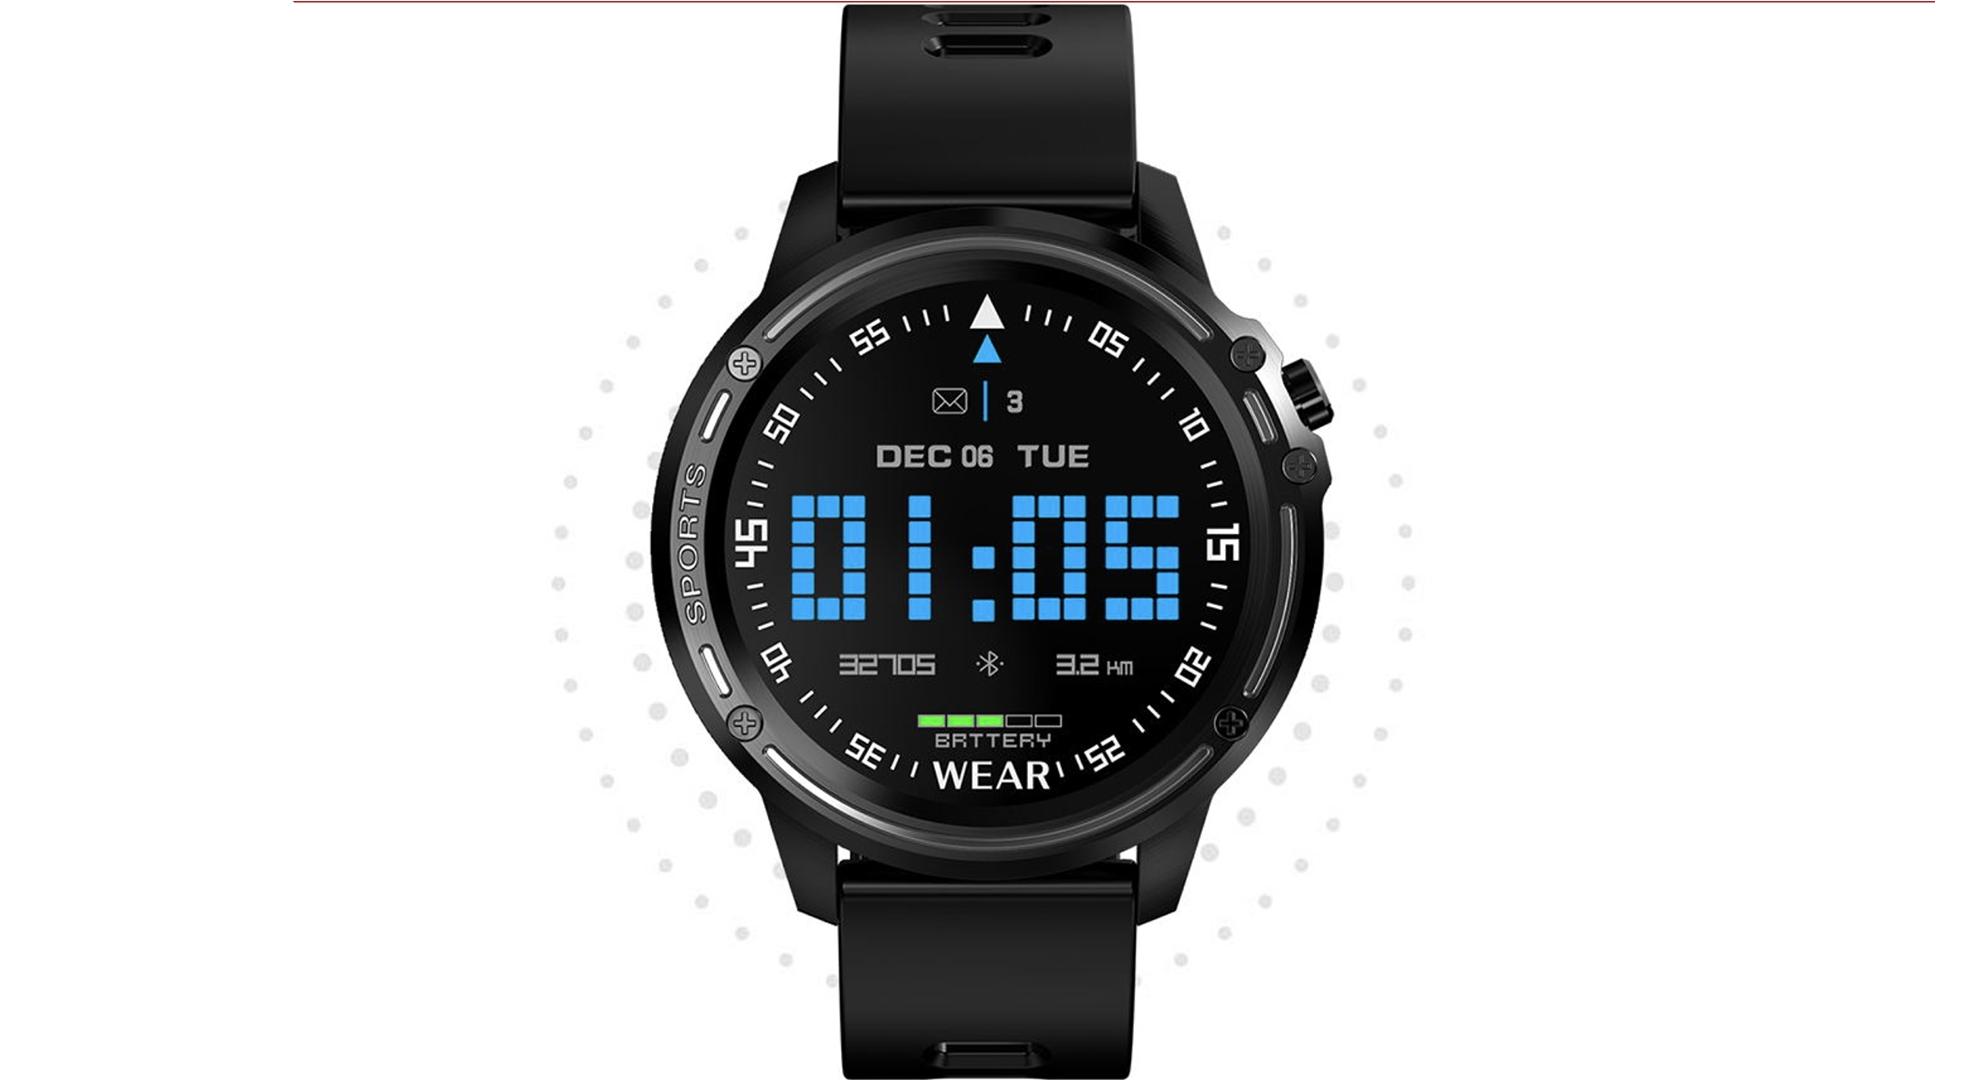 Skvělé chytré hodinky nyní ve slevě za 501 Kč! [sponzorovaný článek]